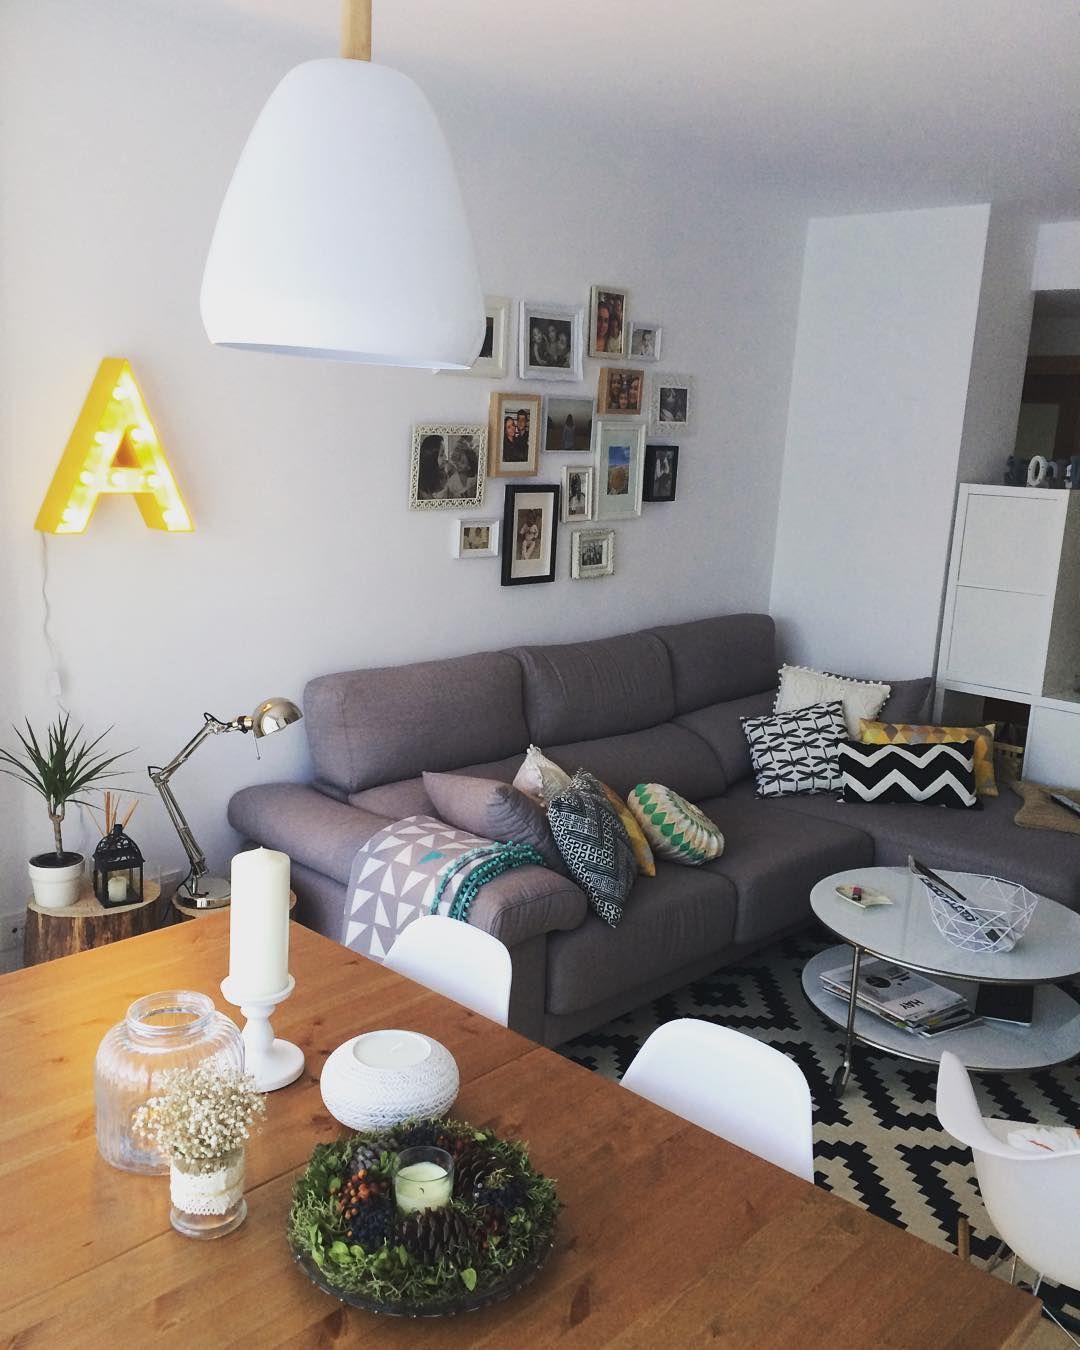 Sal n comedor con letra luminosa en color amarillo sof for Letras decoracion ikea